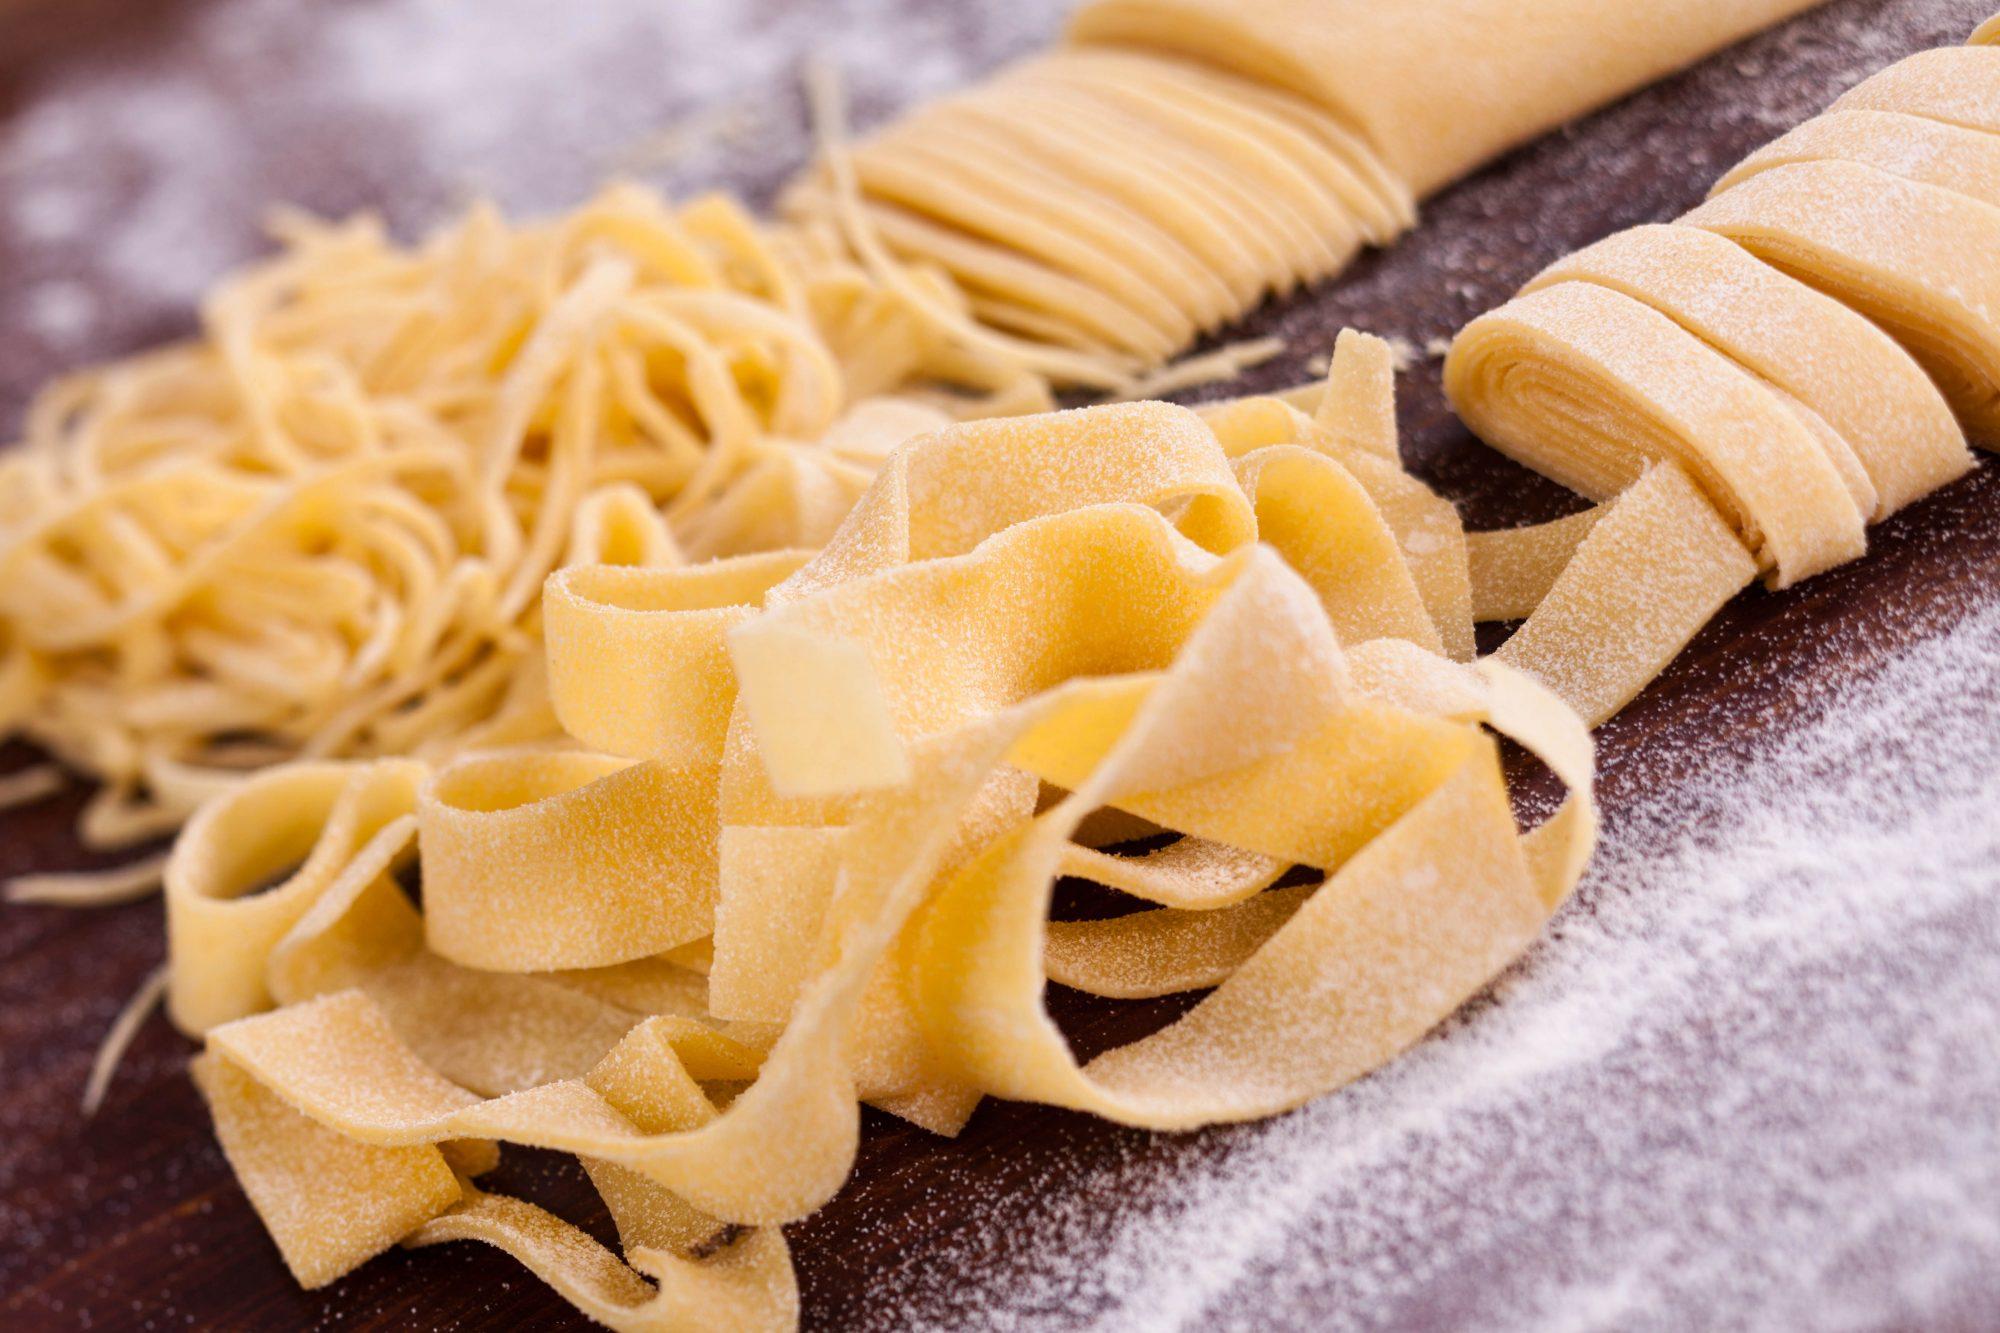 040620_Getty Handmade Pasta